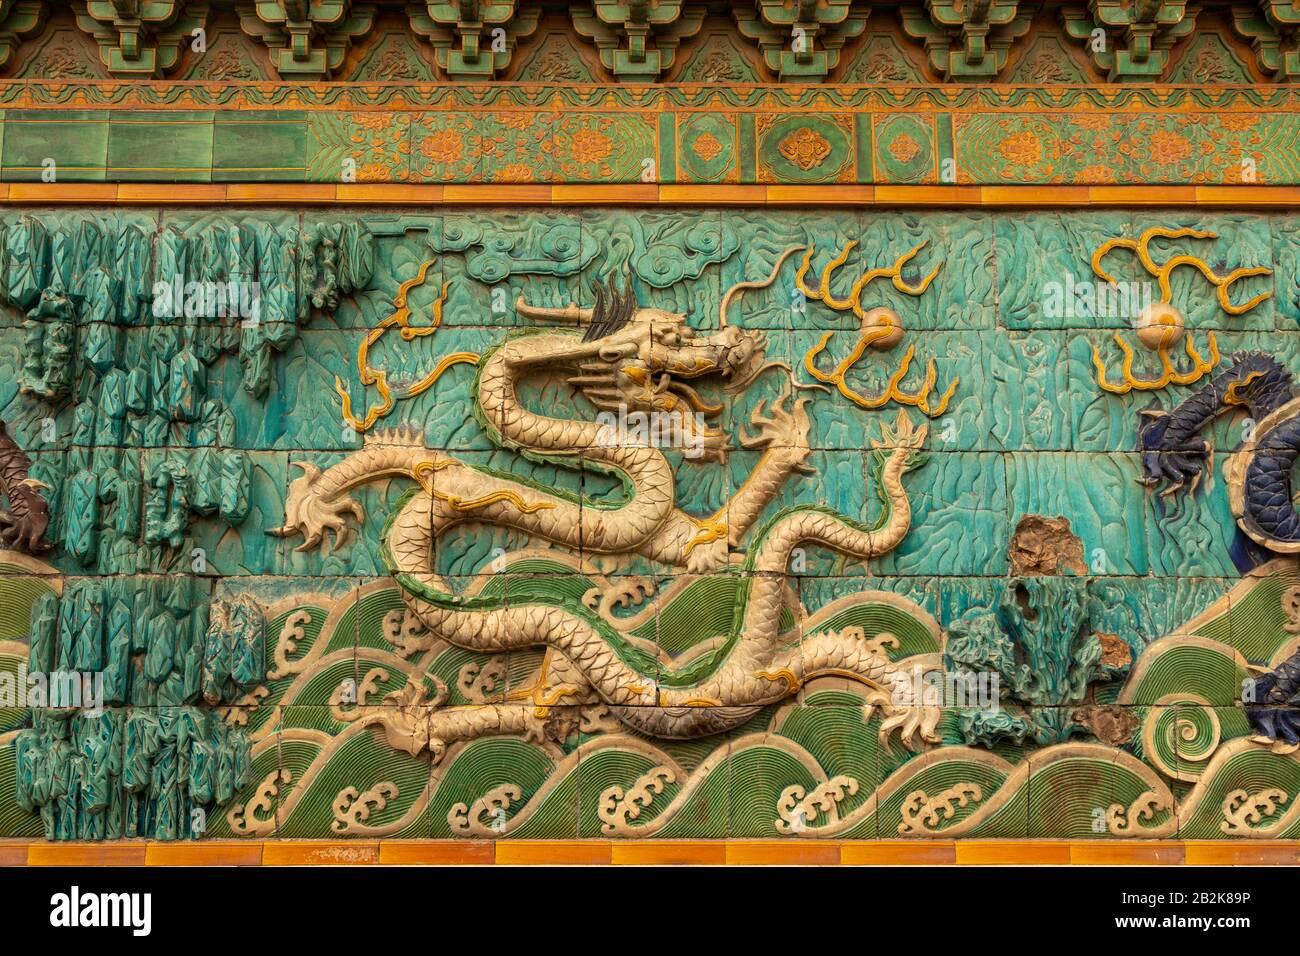 Pantalla de nueve dragones, entrada al Palacio de la longevidad Tranquila, la Ciudad Prohibida, Pekín, China Foto de stock